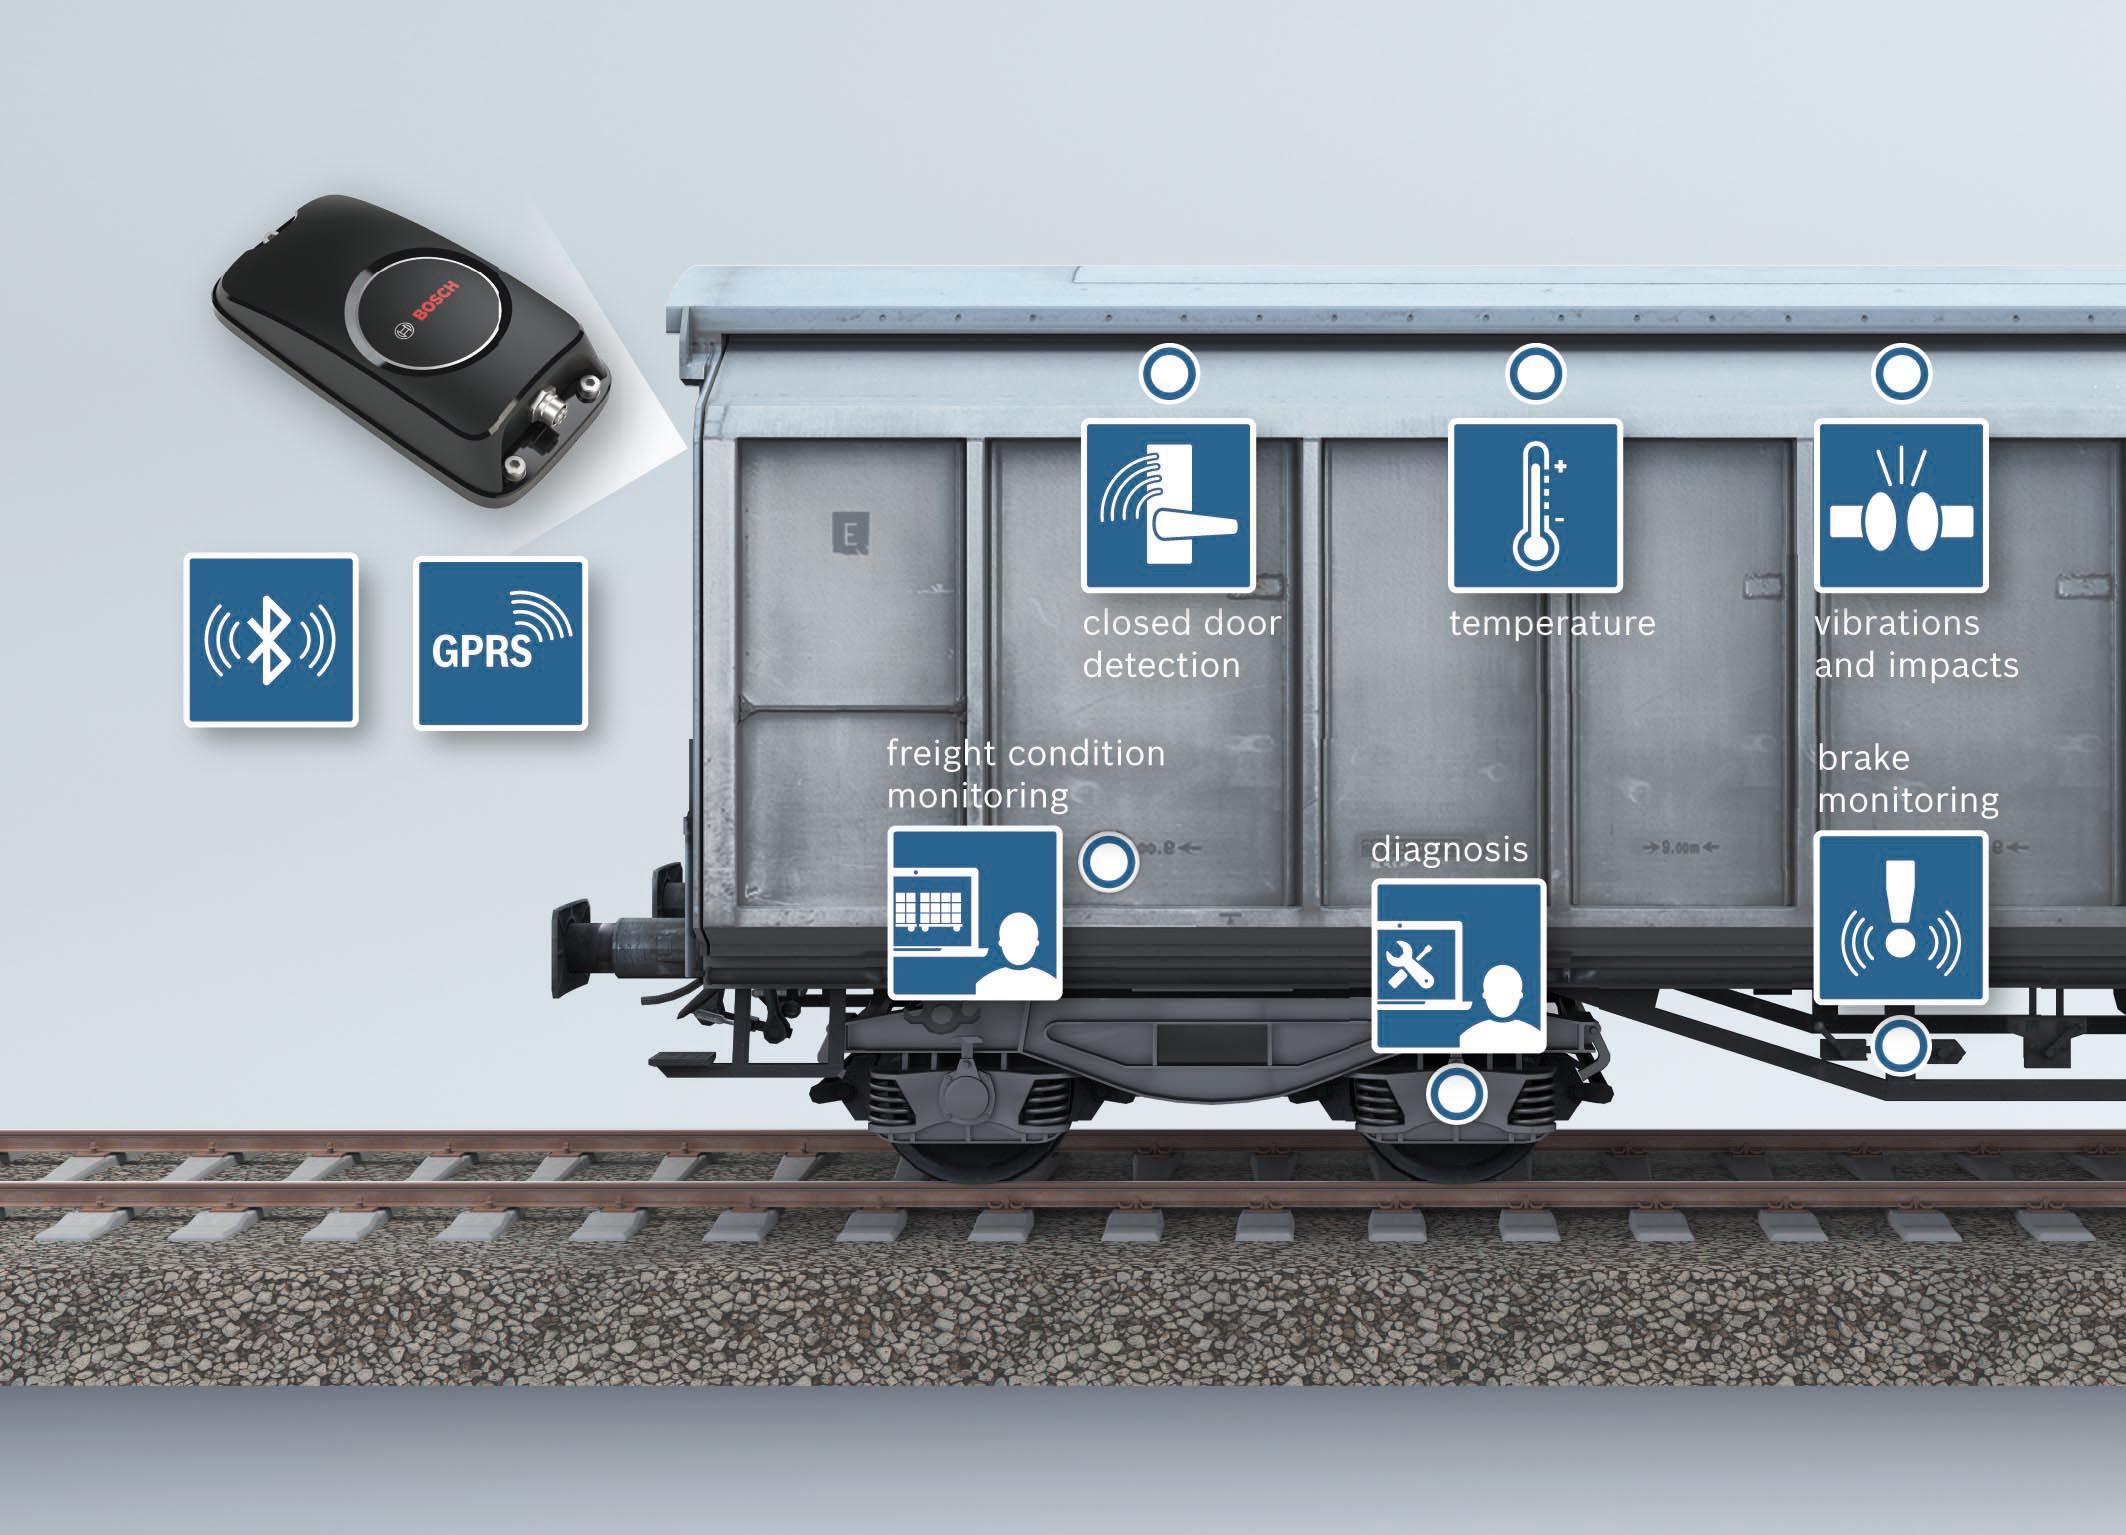 «Умными» скоро станут и ж/д грузоперевозки: Bosch и SBB Cargo работают над связью для грузовых вагонов